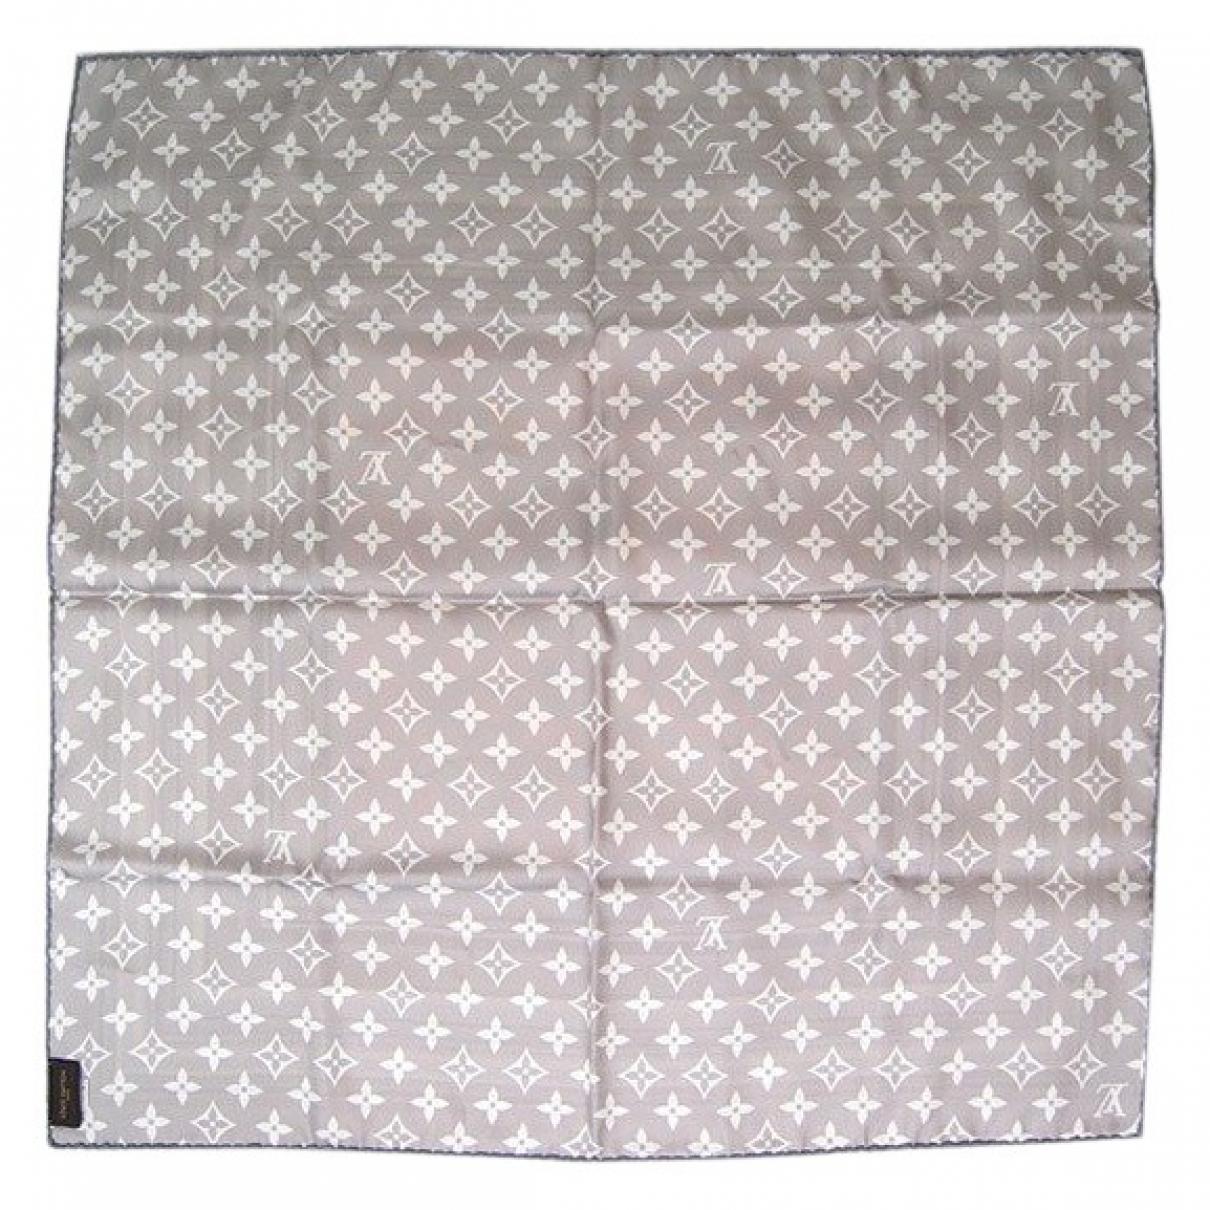 Louis Vuitton - Foulard   pour femme en soie - gris